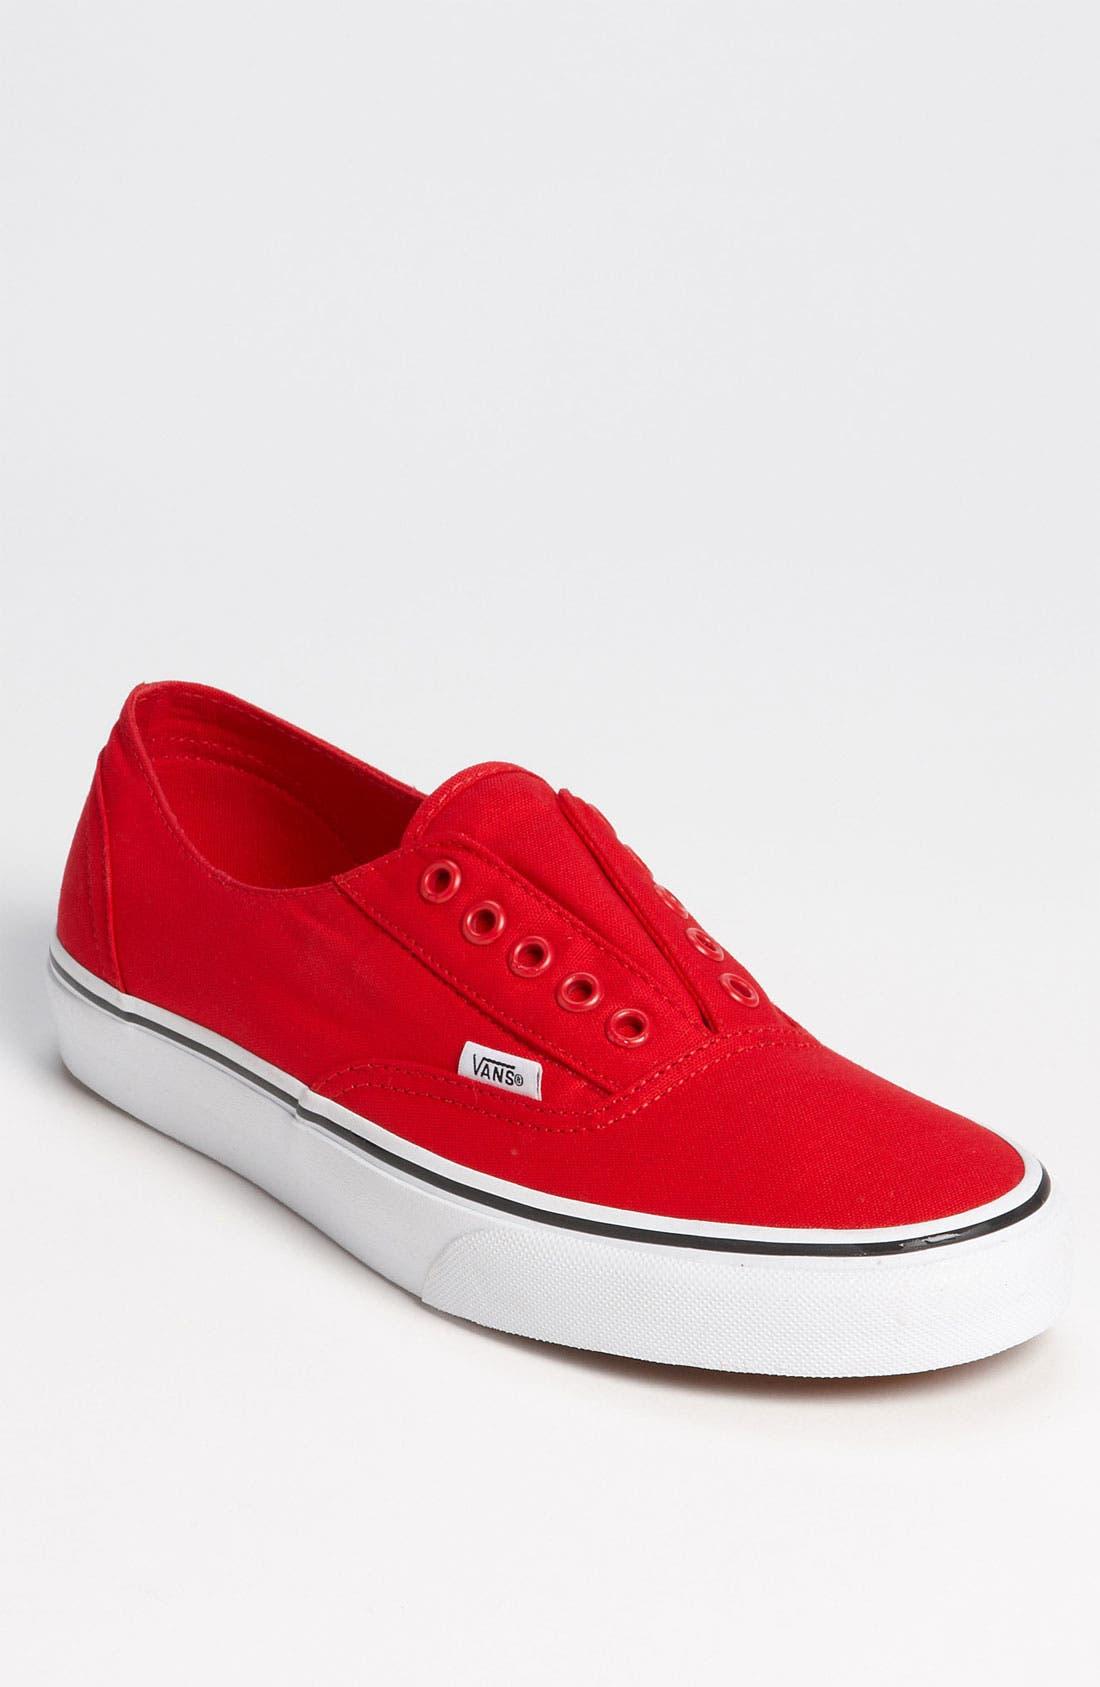 Main Image - Vans 'Era Laceless' Sneaker (Men)